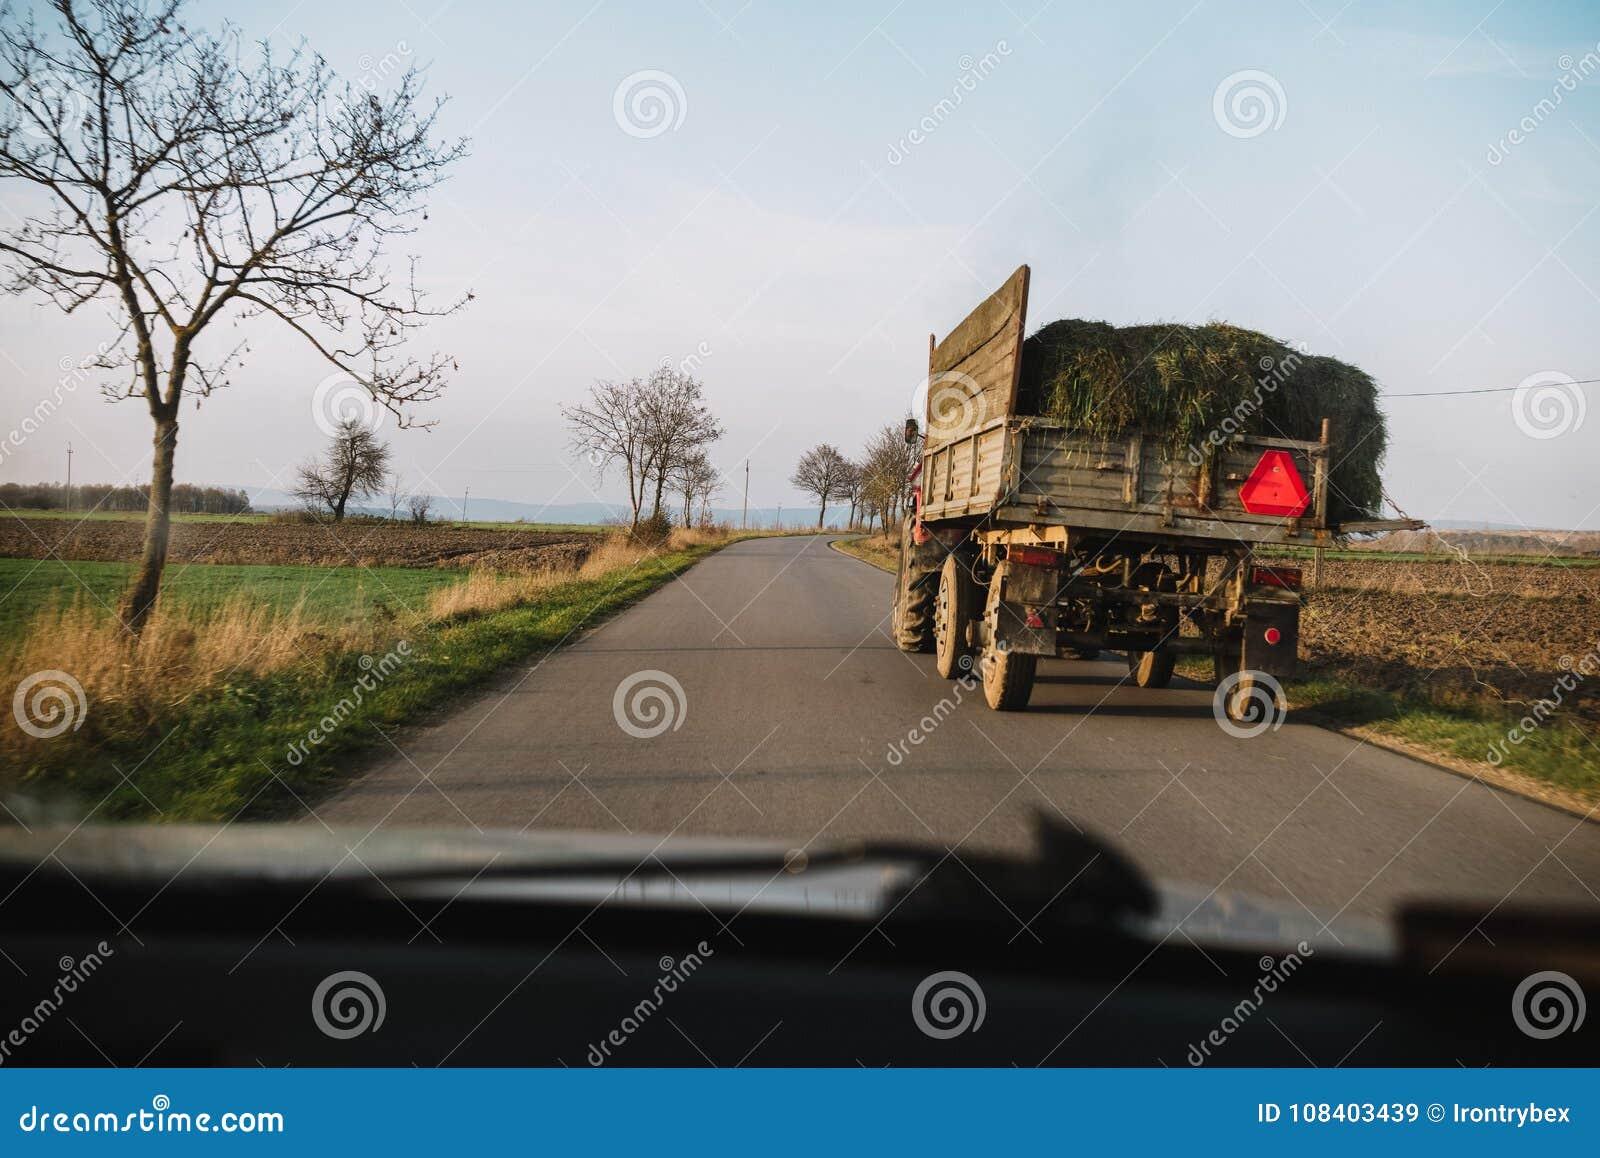 Опасность в дороге трактор с травой на улице, взглядом от